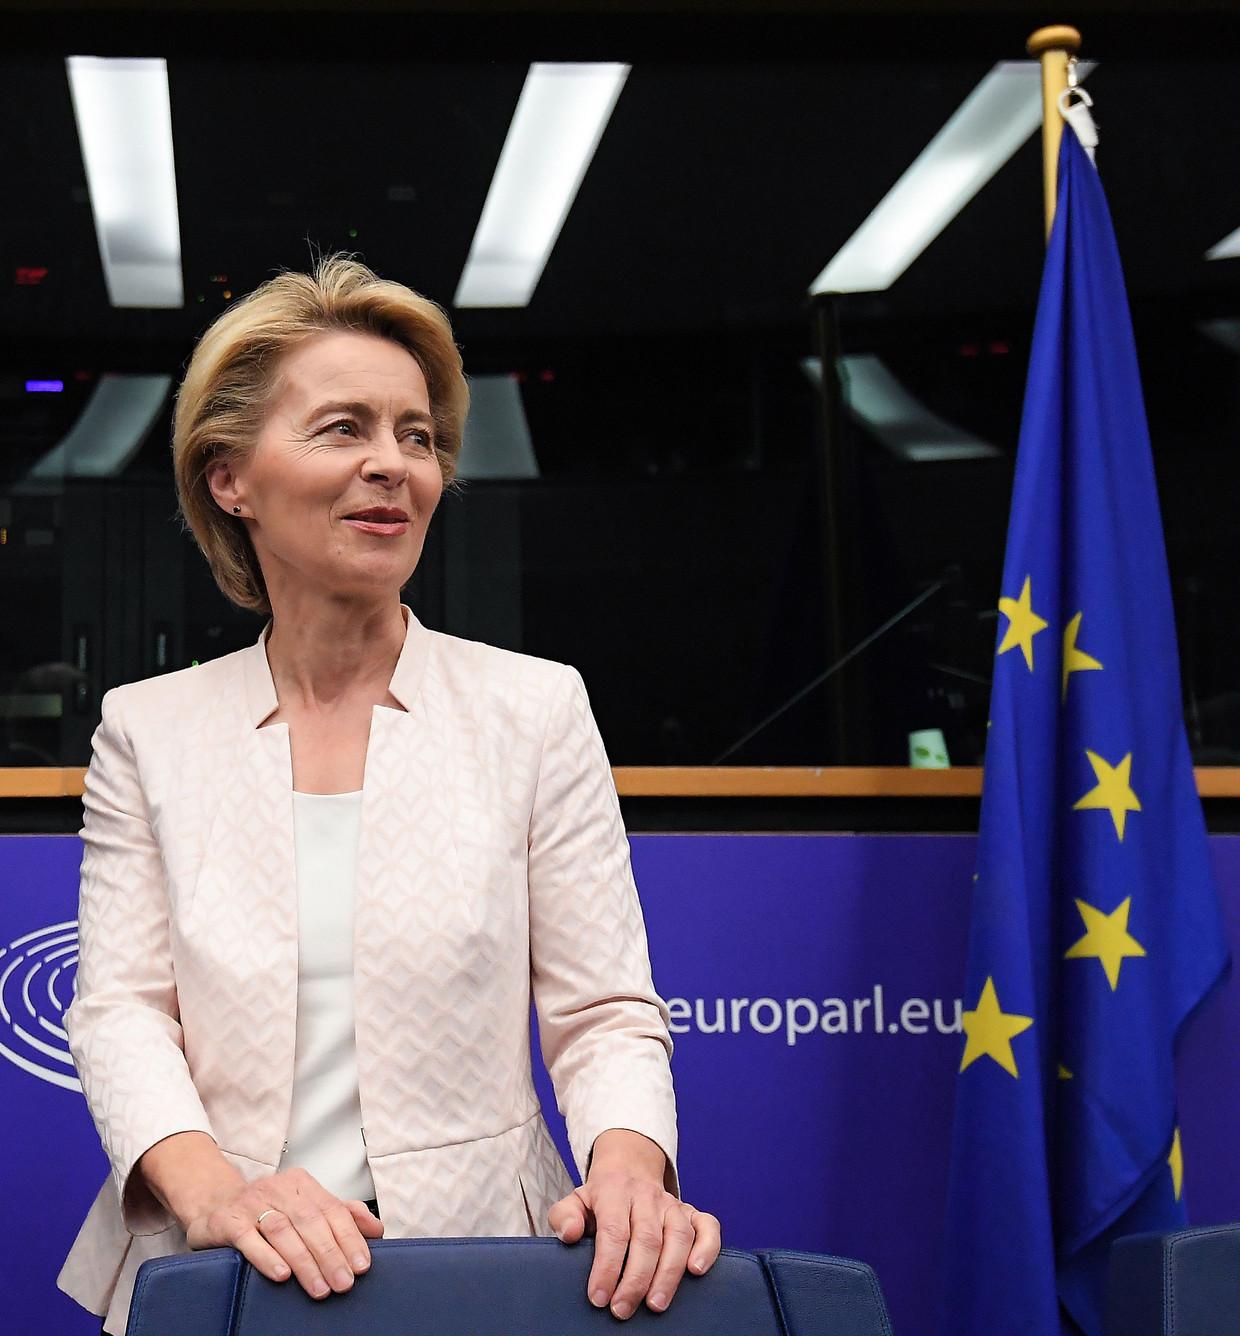 De mogelijk nieuwe EU-Commissievoorzitter Ursula von der Leyen in het Europees Parlement in Straatsburg. Vandaag wordt er over haar kandidatuur gestemd. Beeld AFP